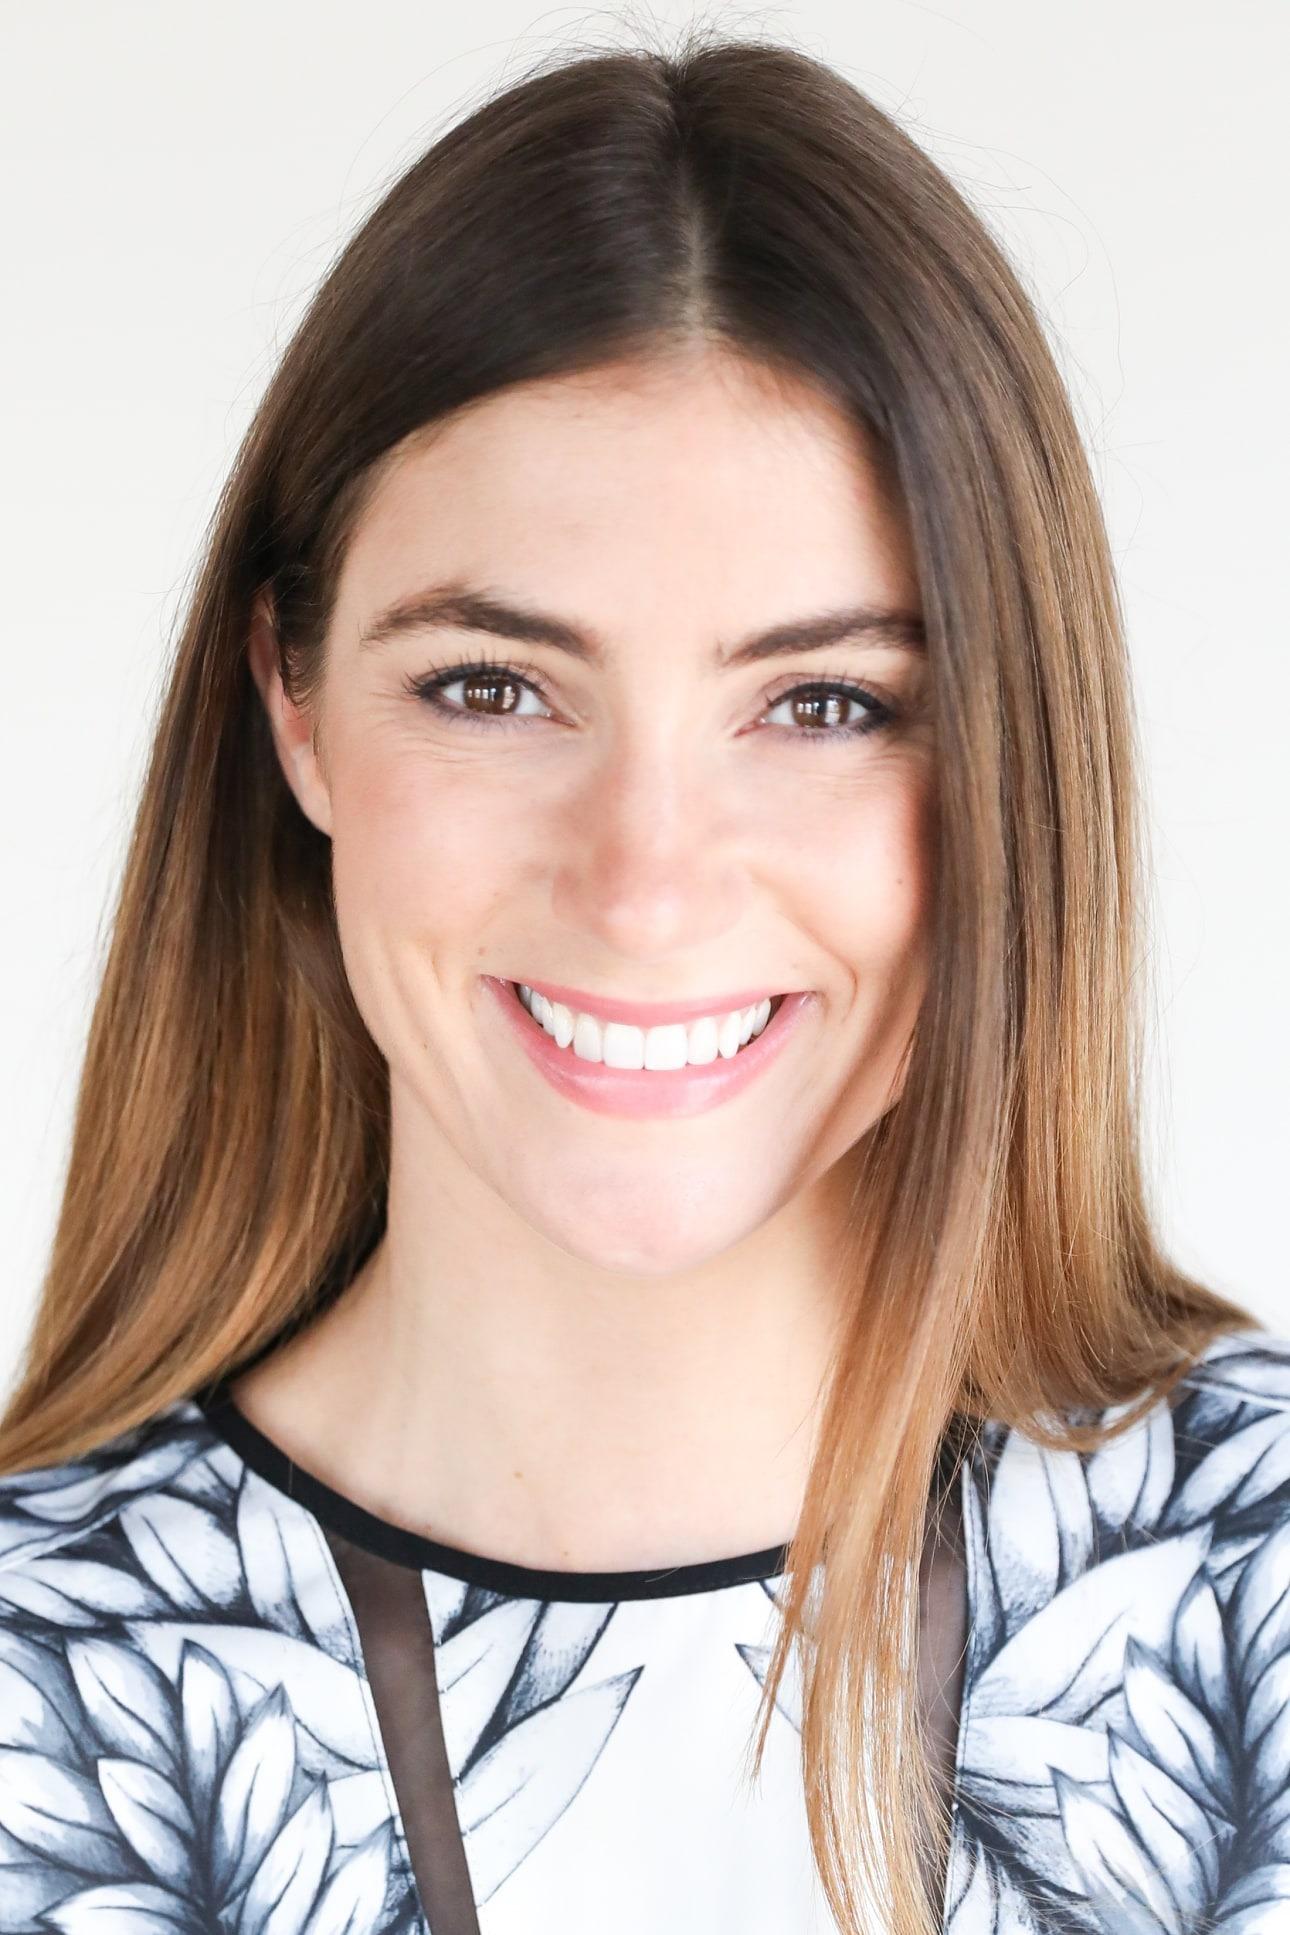 Kalee Hewlett